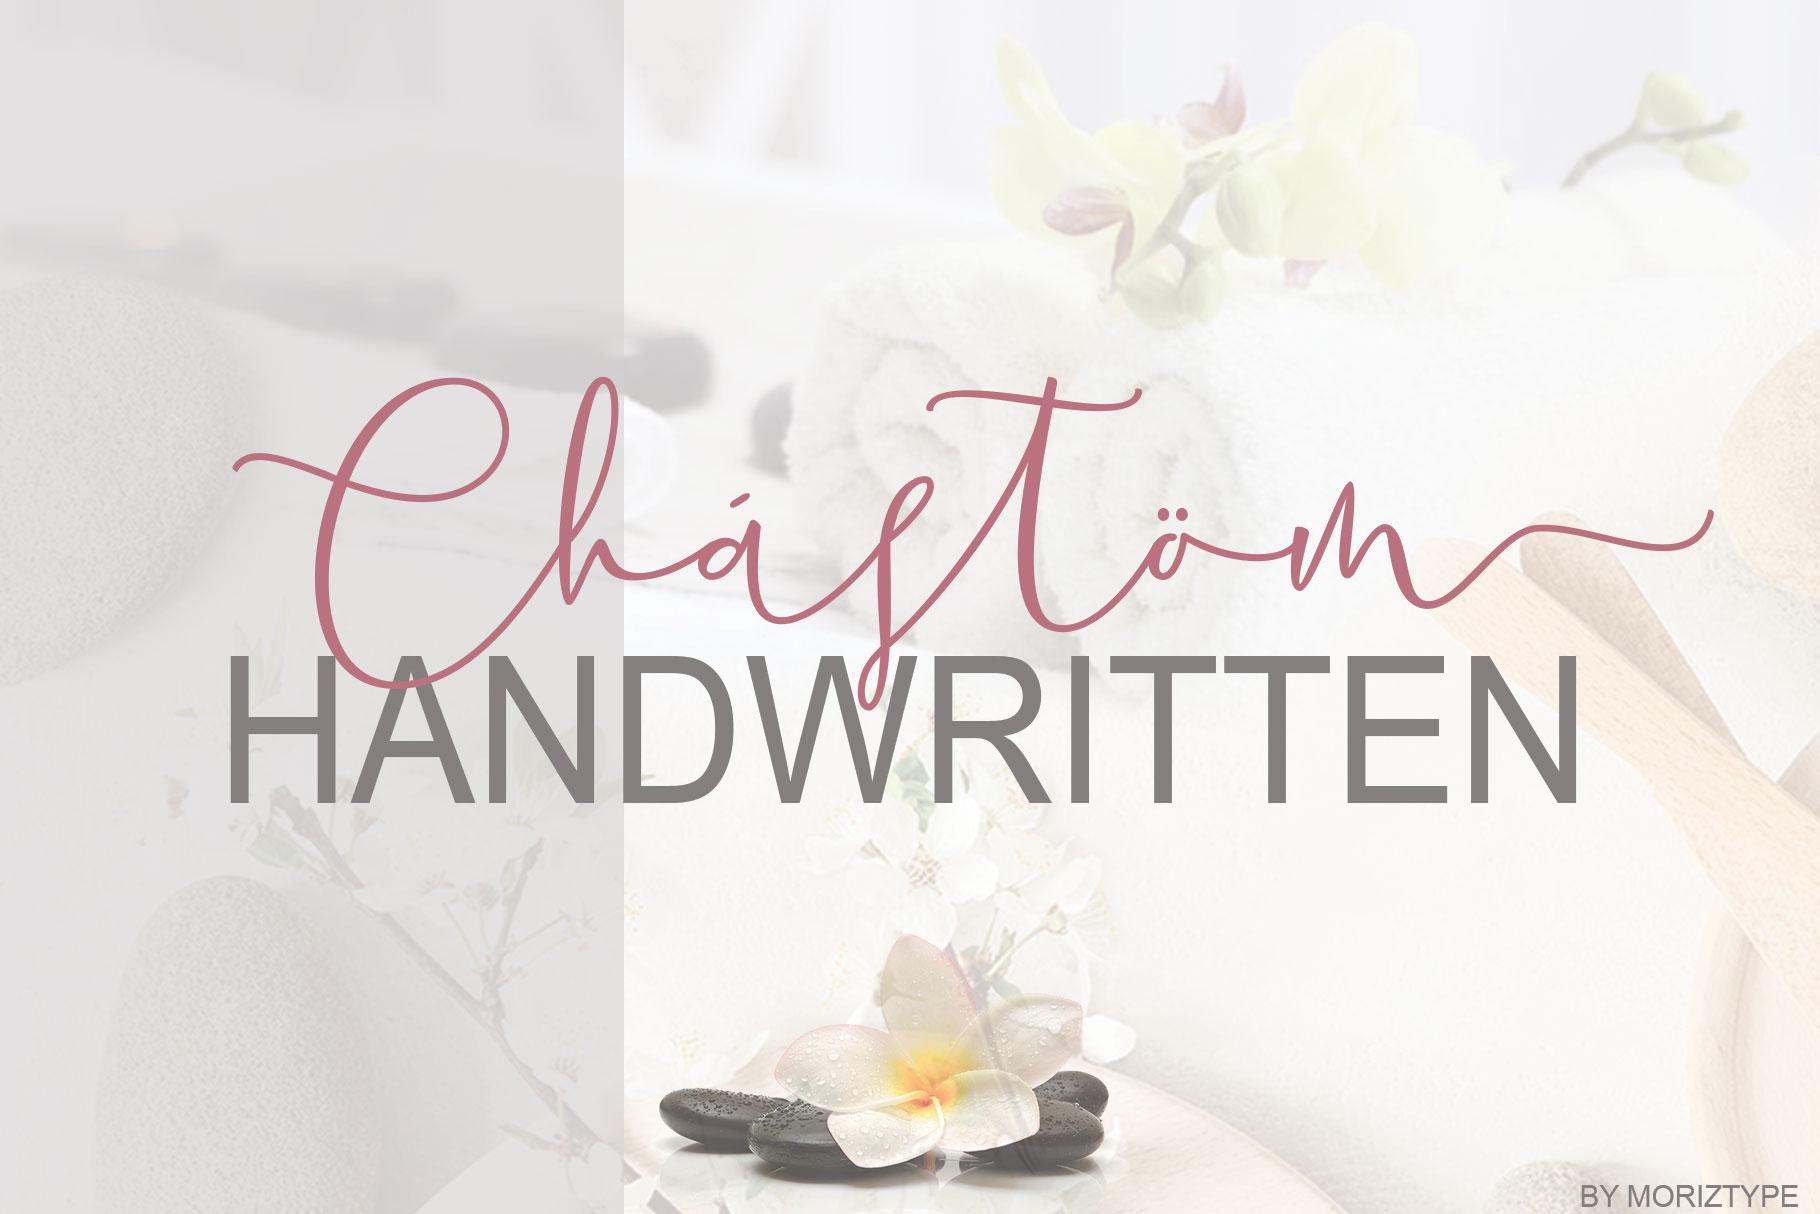 Chastum Handwritten example image 5